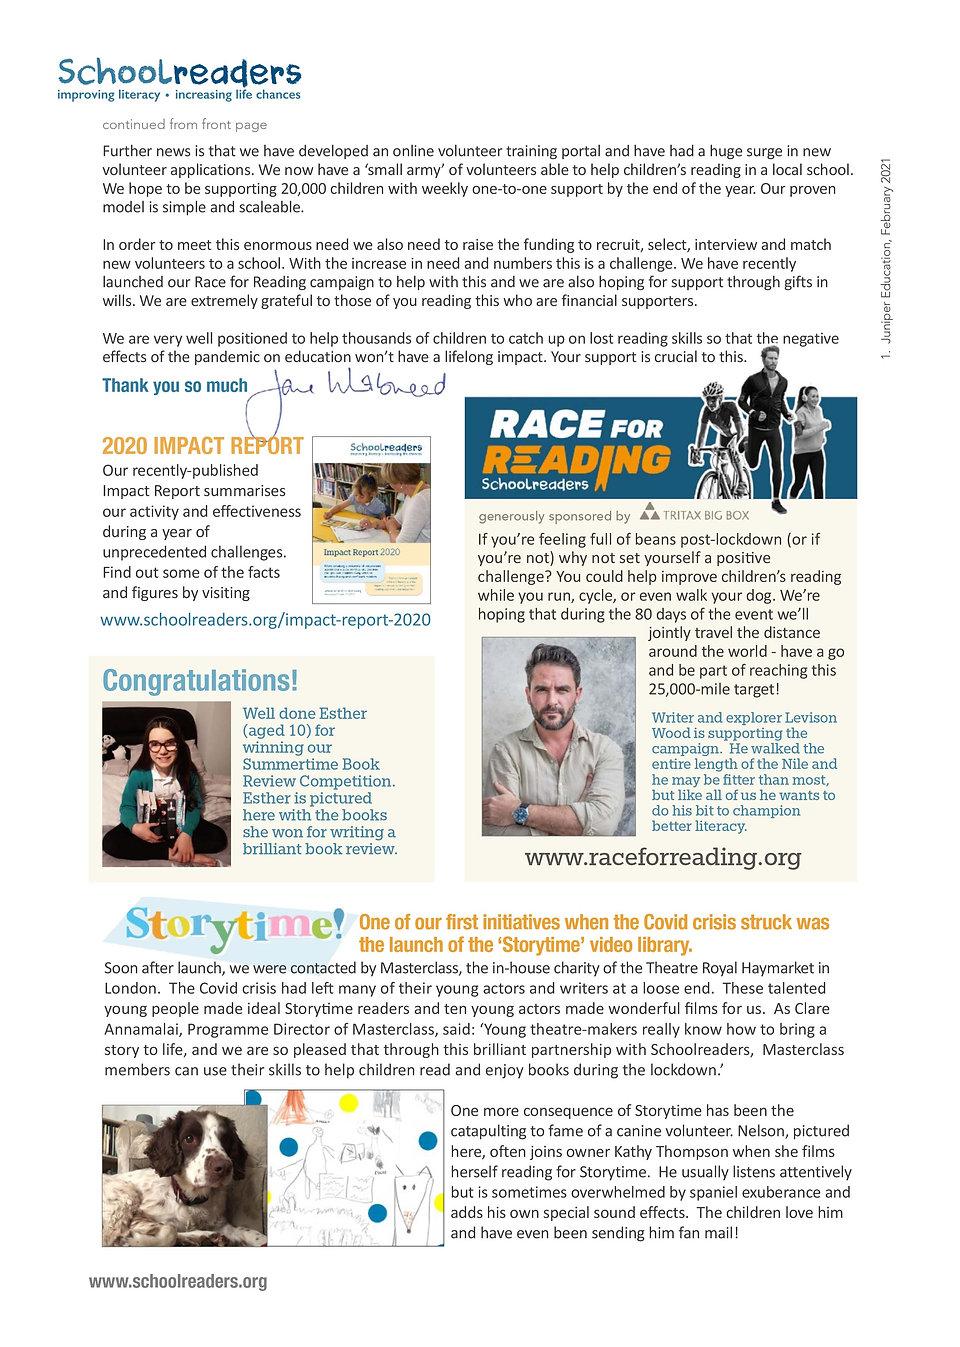 Newsletter 20210401 G0223 page 2.jpg